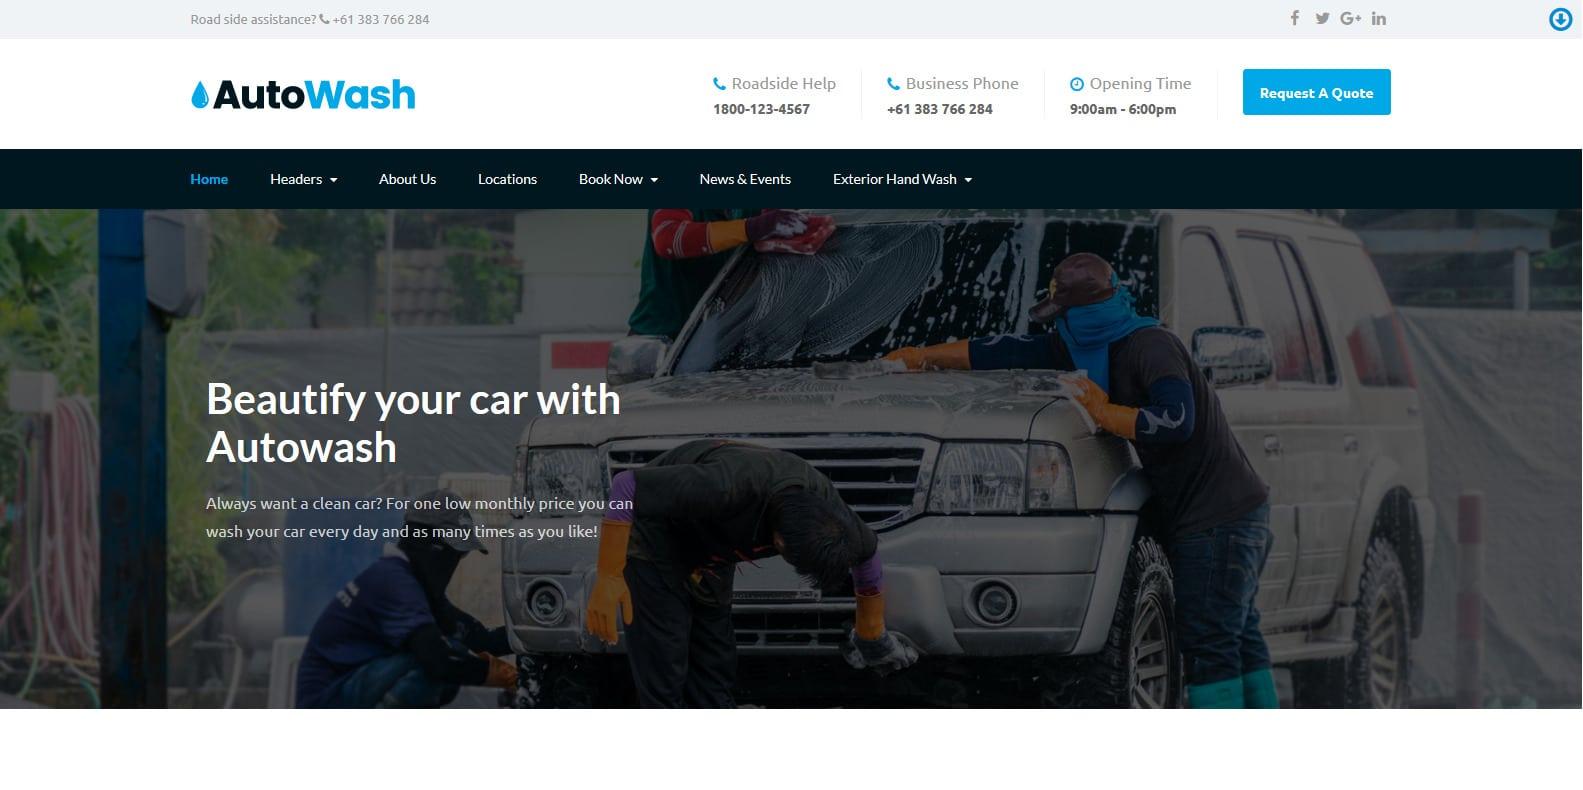 autowash-automotive-website-template